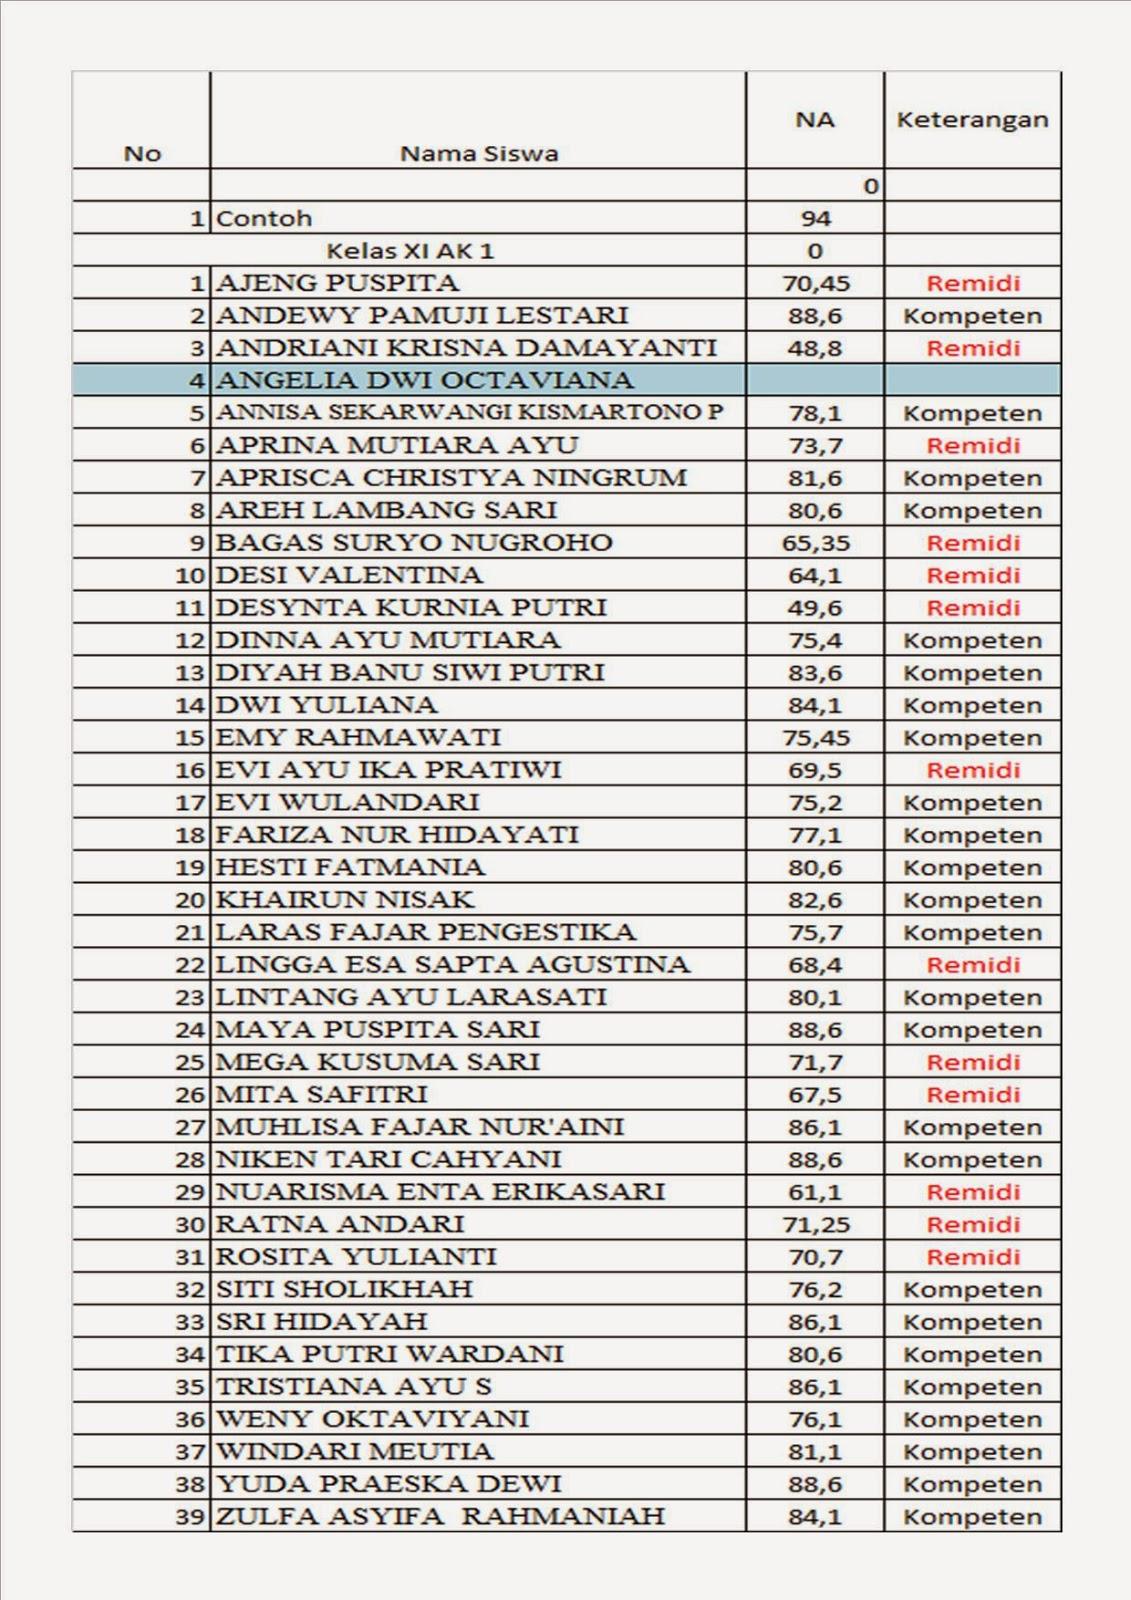 Nilai Spt Kelas Xi Akuntansi Dan Pelaksanaan Remidial Hati Rembulan